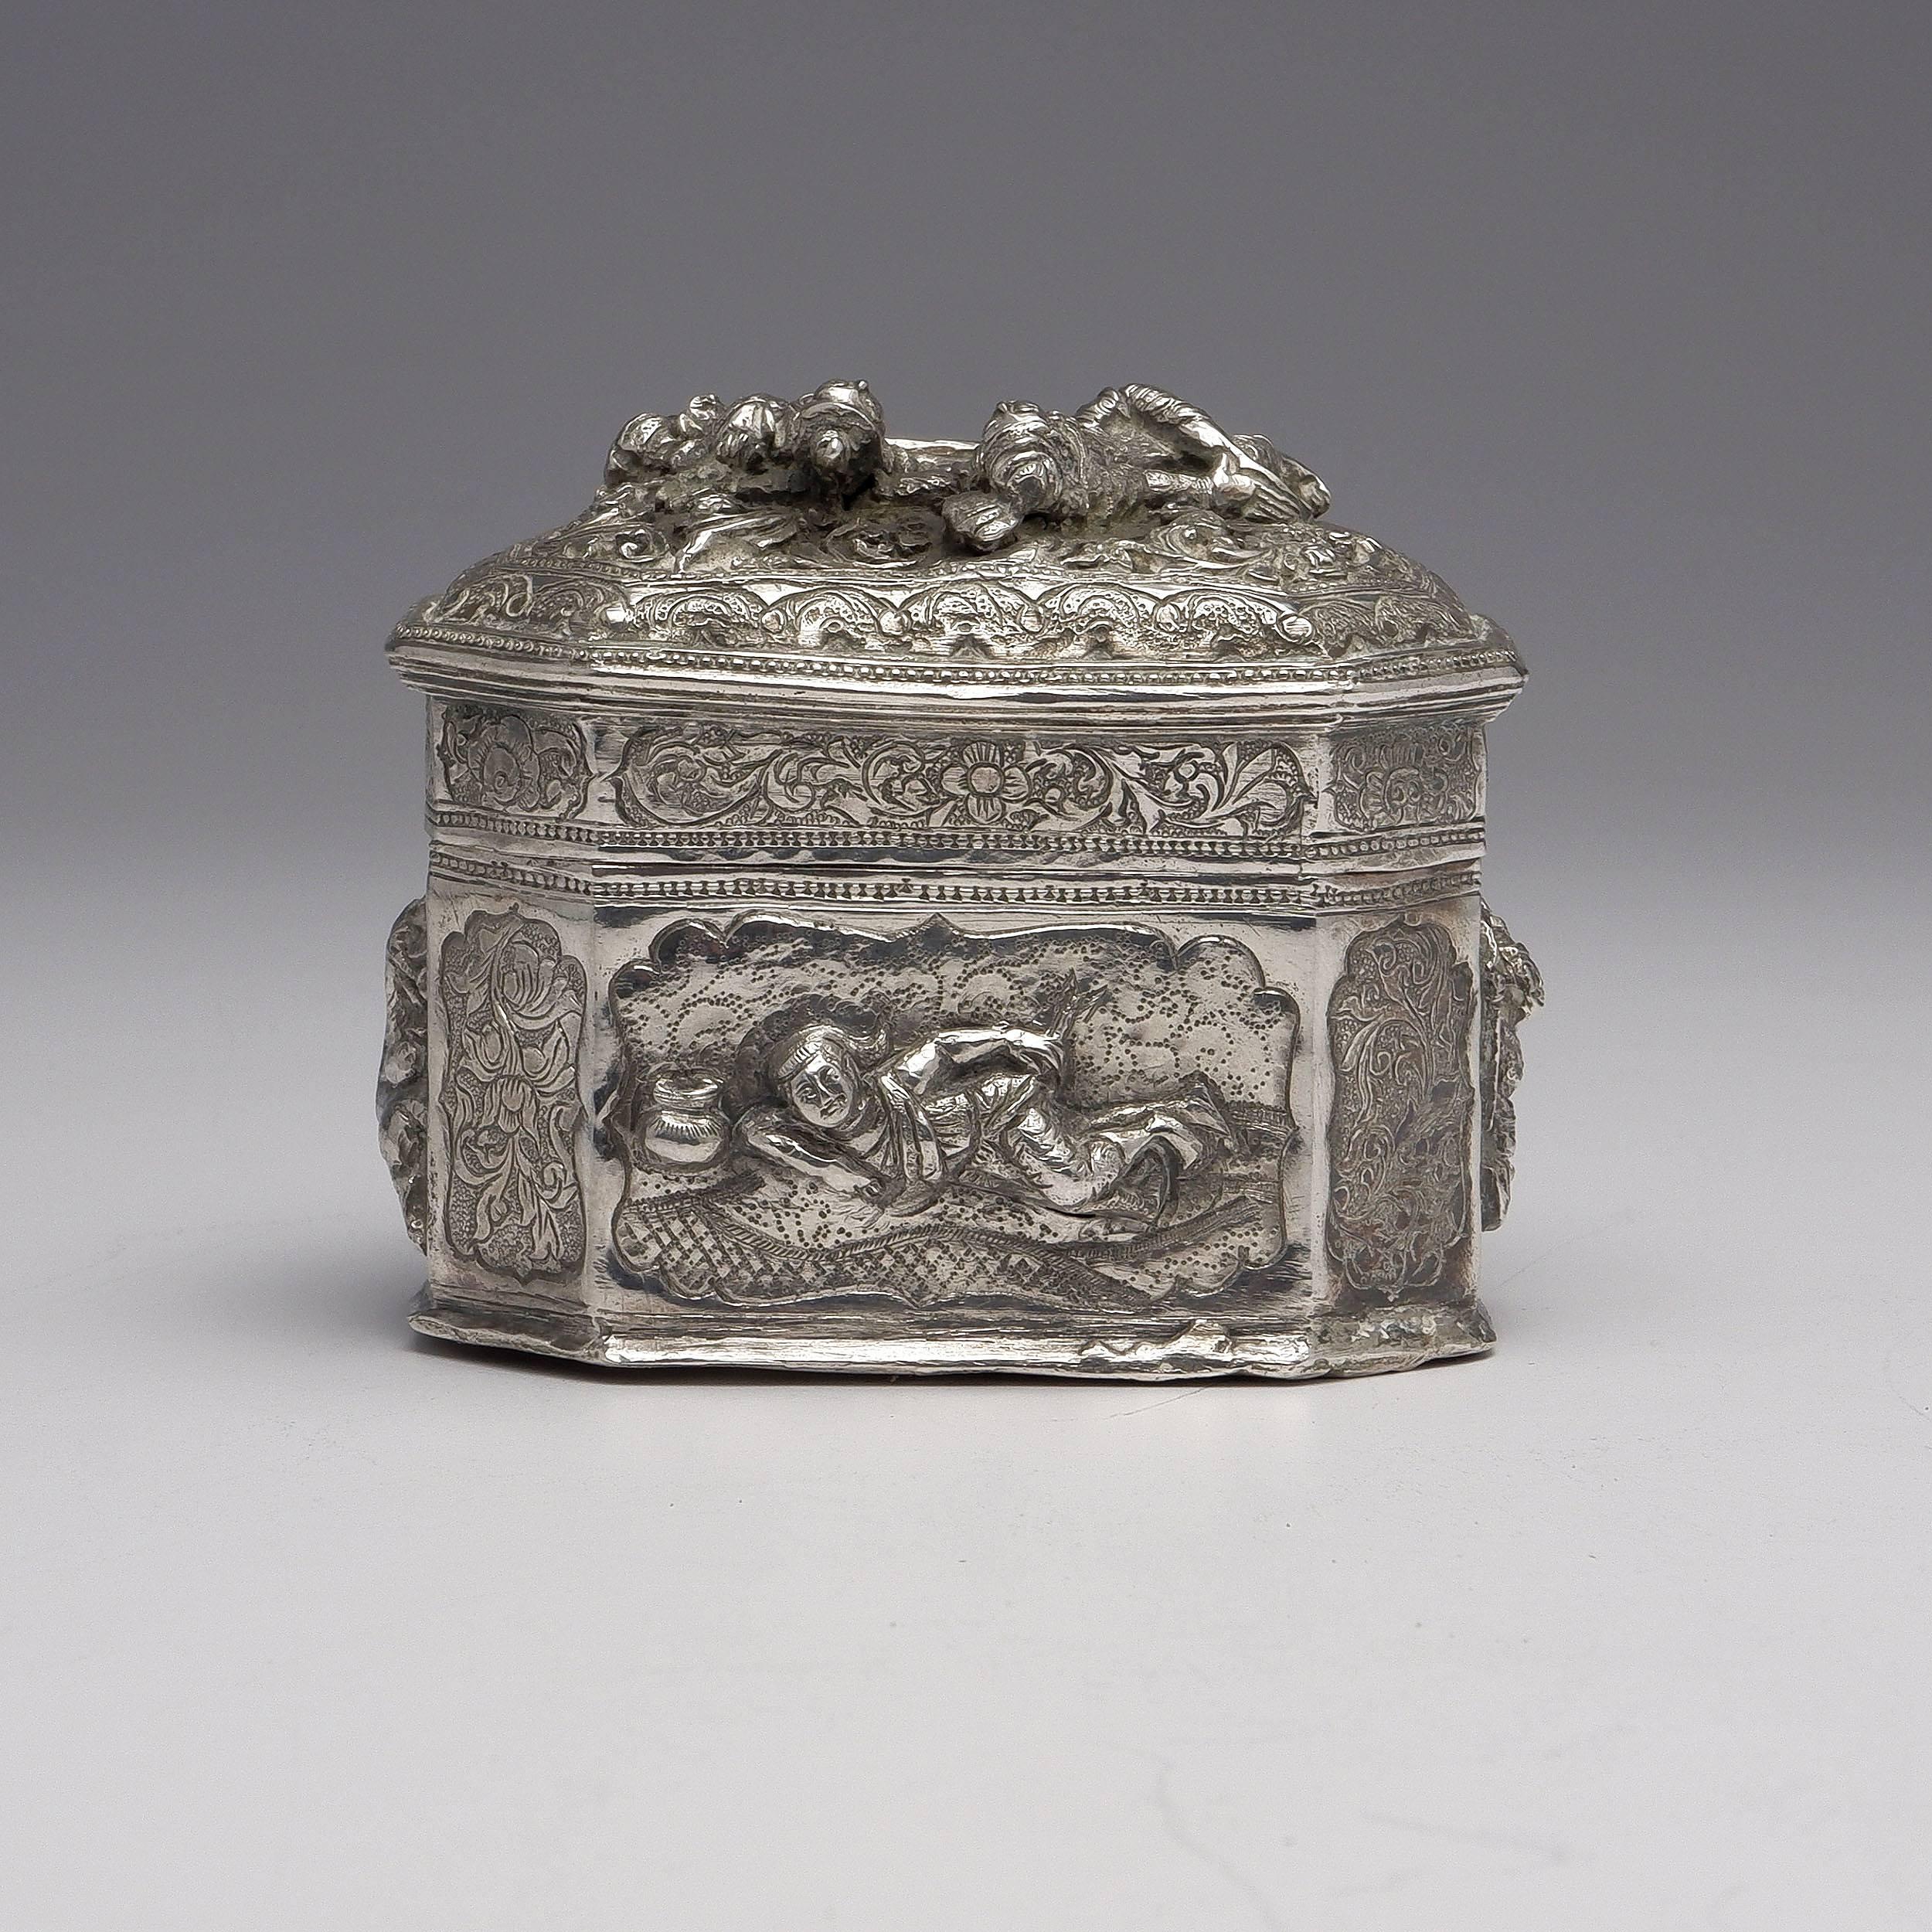 'Burmese Heavily Repousse Silver Box, 169g'